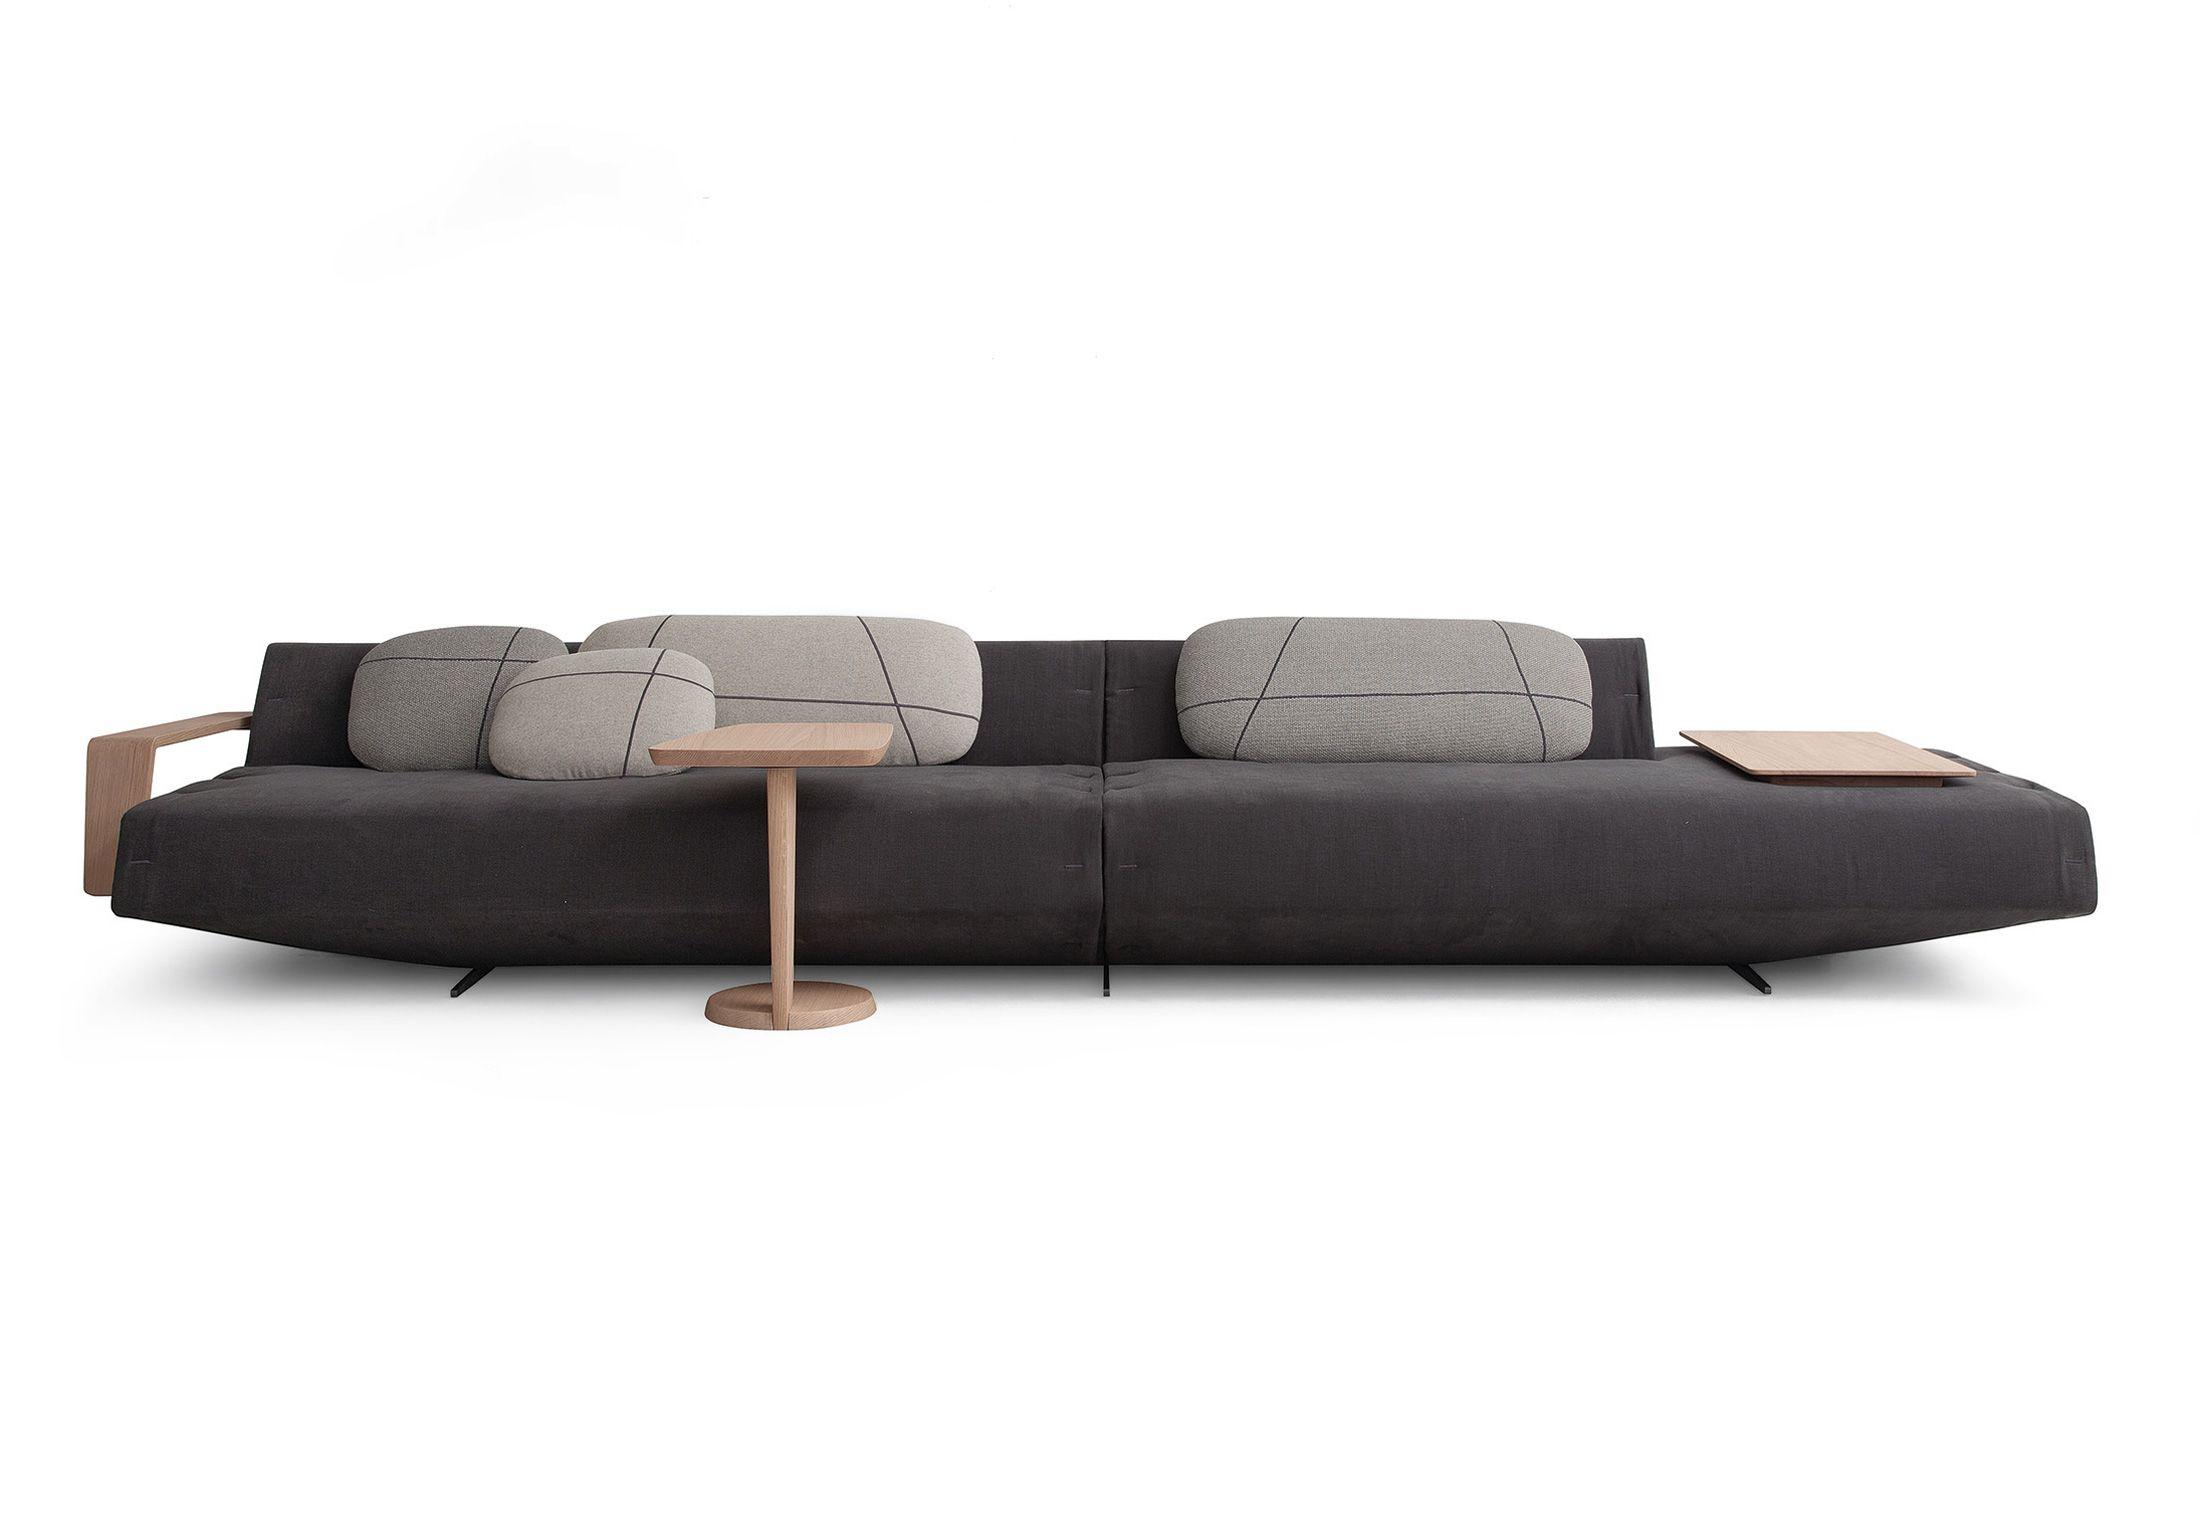 poliform sydney sofa